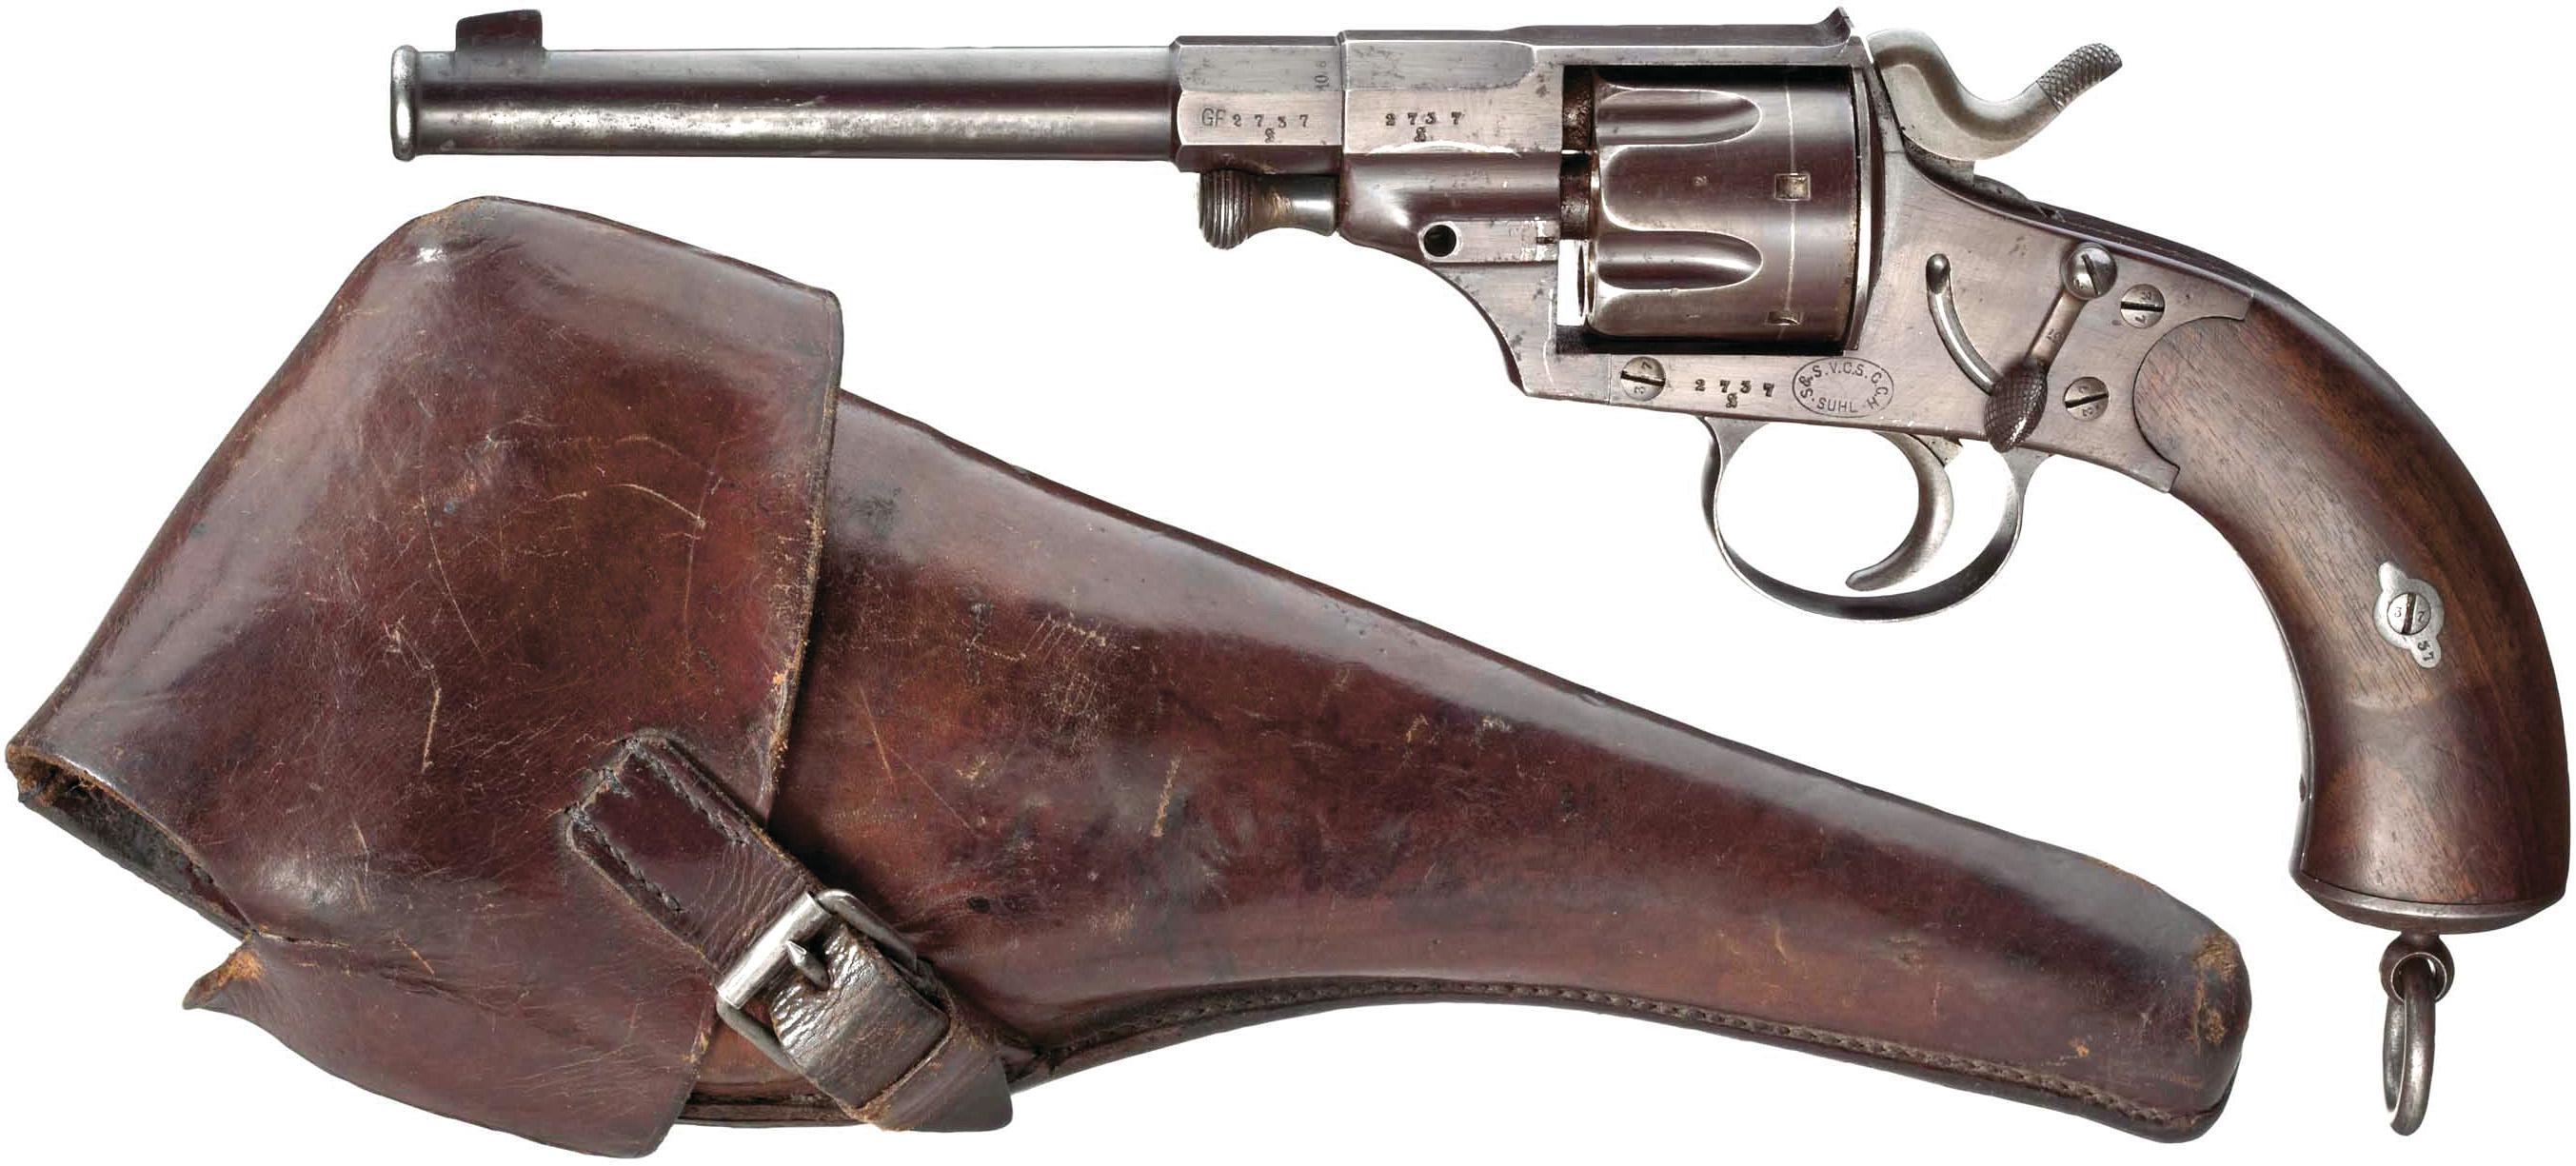 Reichsrevolver M1879 и его кобура